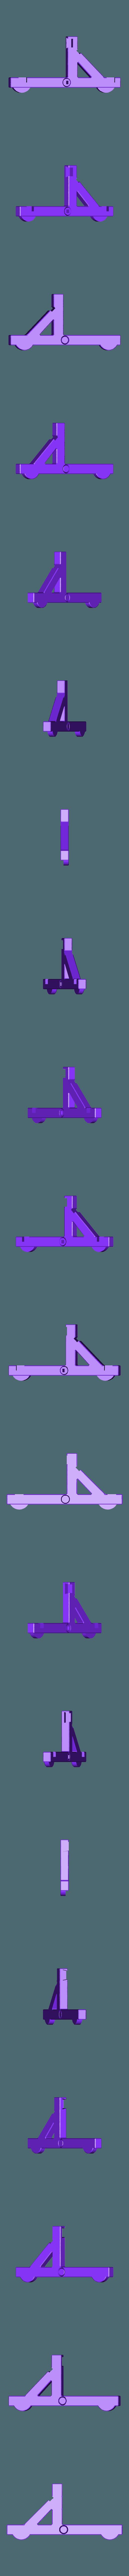 brace_left-165.stl Télécharger fichier STL gratuit Couloir Seej • Design pour impression 3D, bLiTzJoN